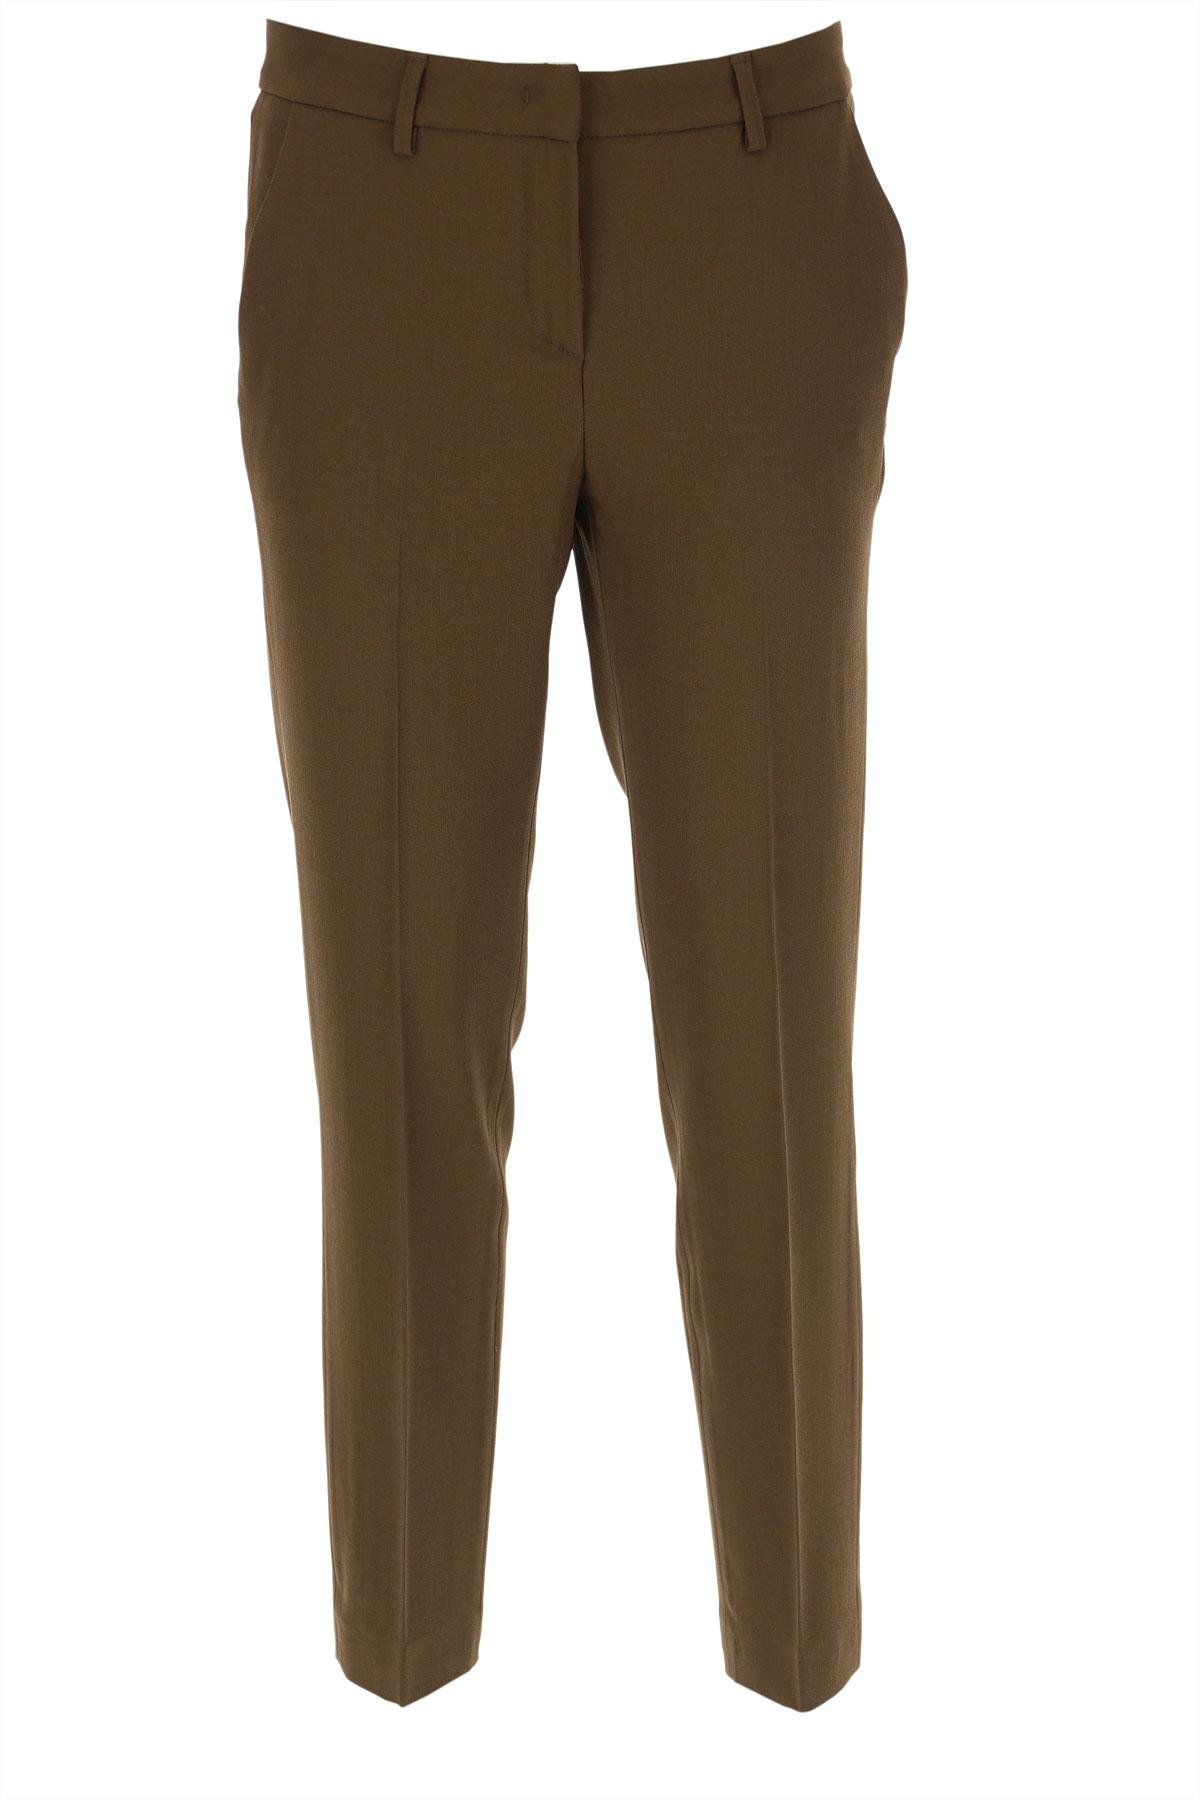 Fabiana Filippi Pants for Women On Sale, Brown, Virgin wool, 2019, 28 30